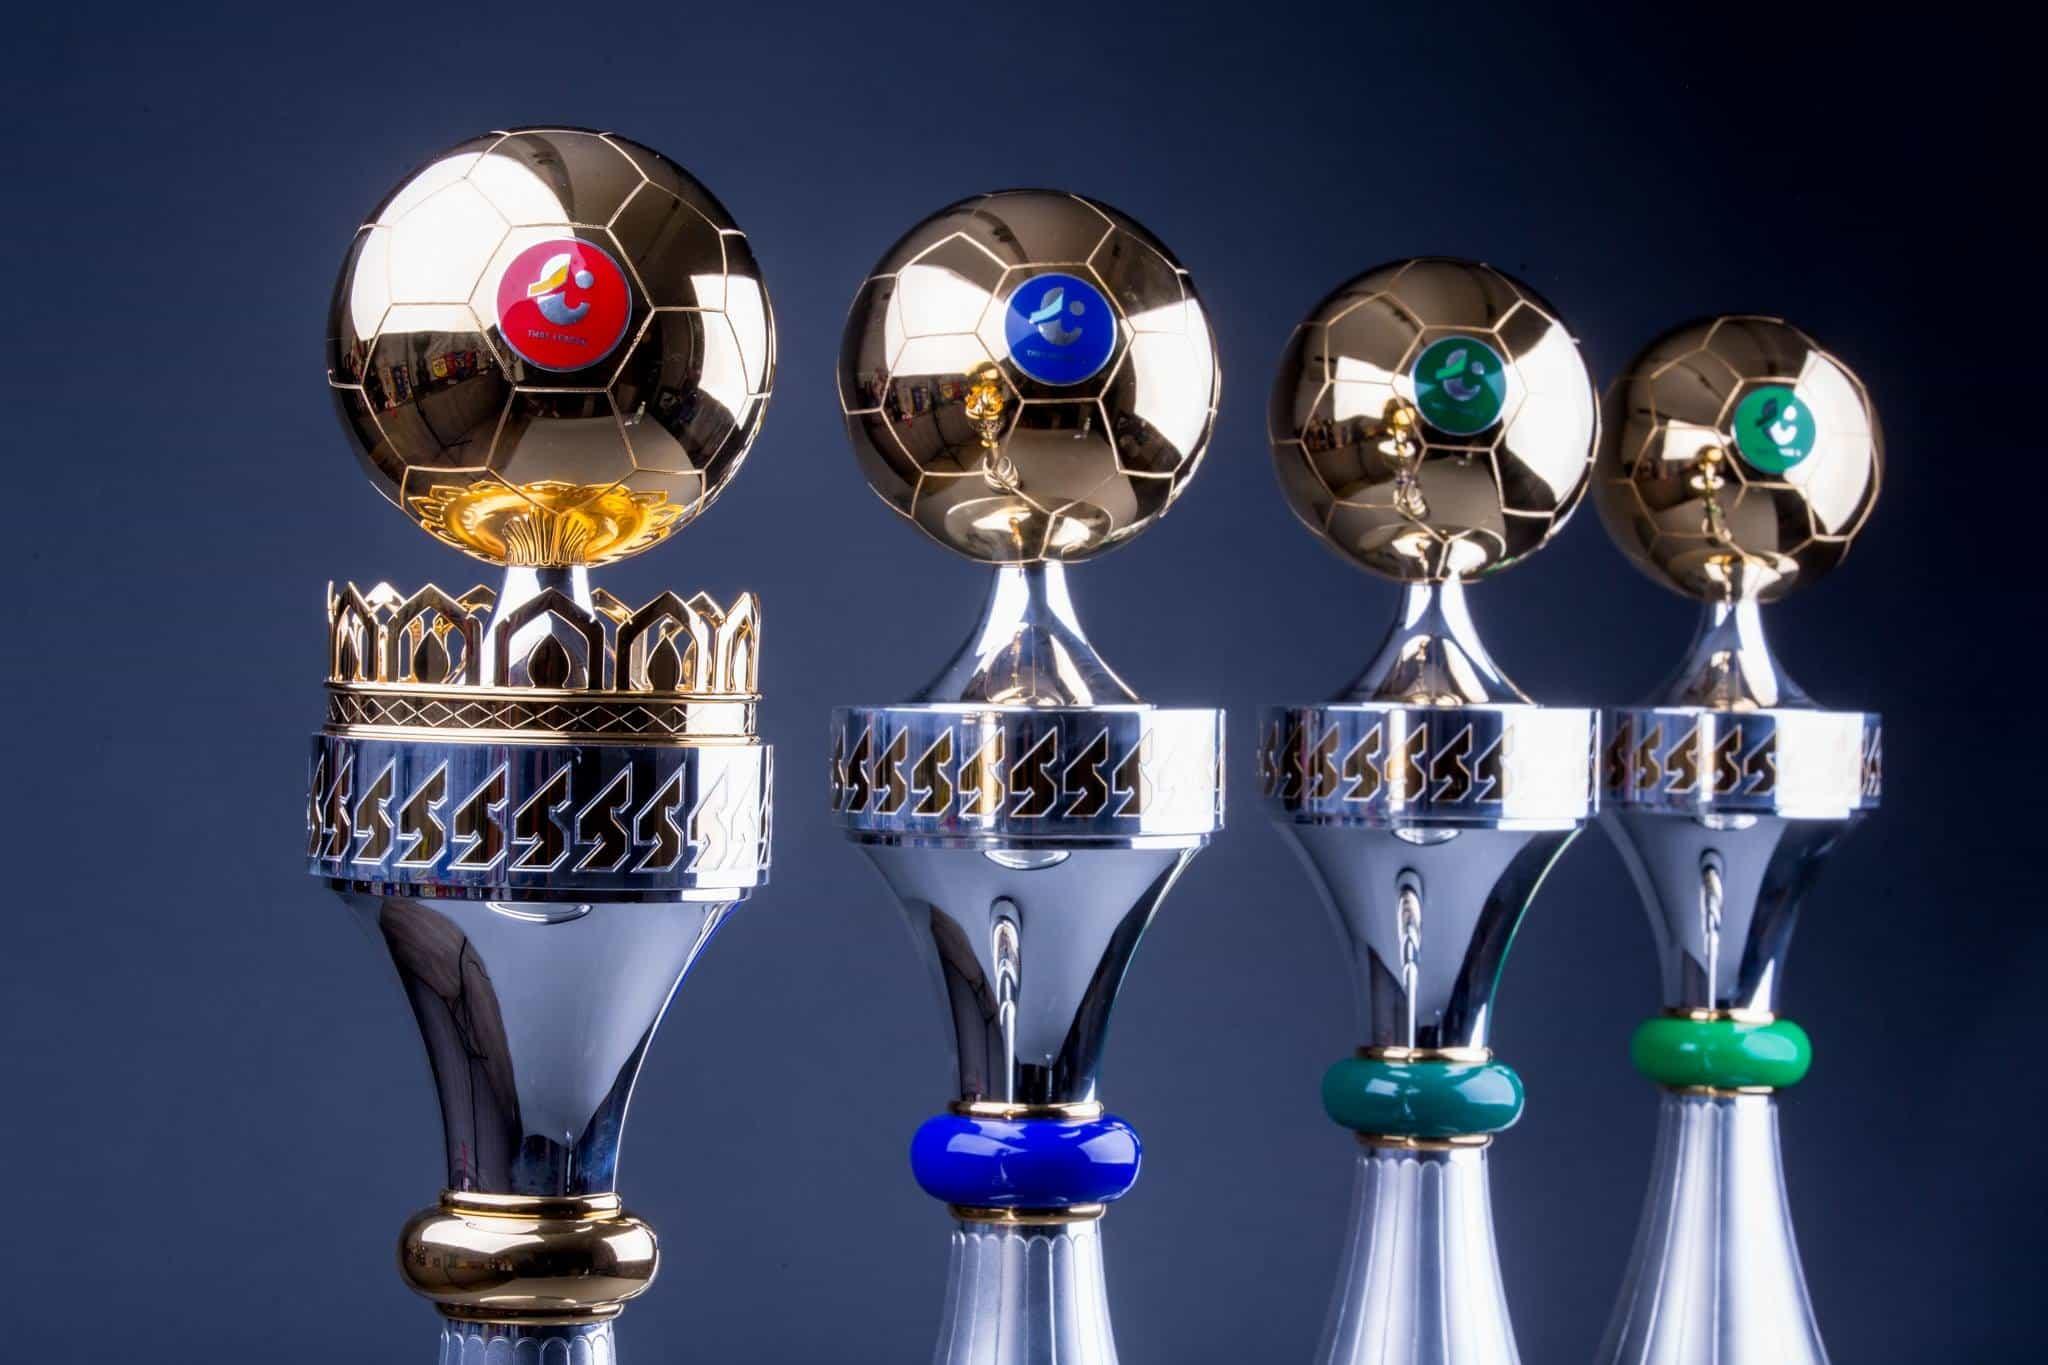 สมาคมฟุตบอลเปิดตัวถ้วยแชมป์ไทยลีก-เอฟเอคัพ ใช้งบกว่า 2 ล้านบาทเนรมิต